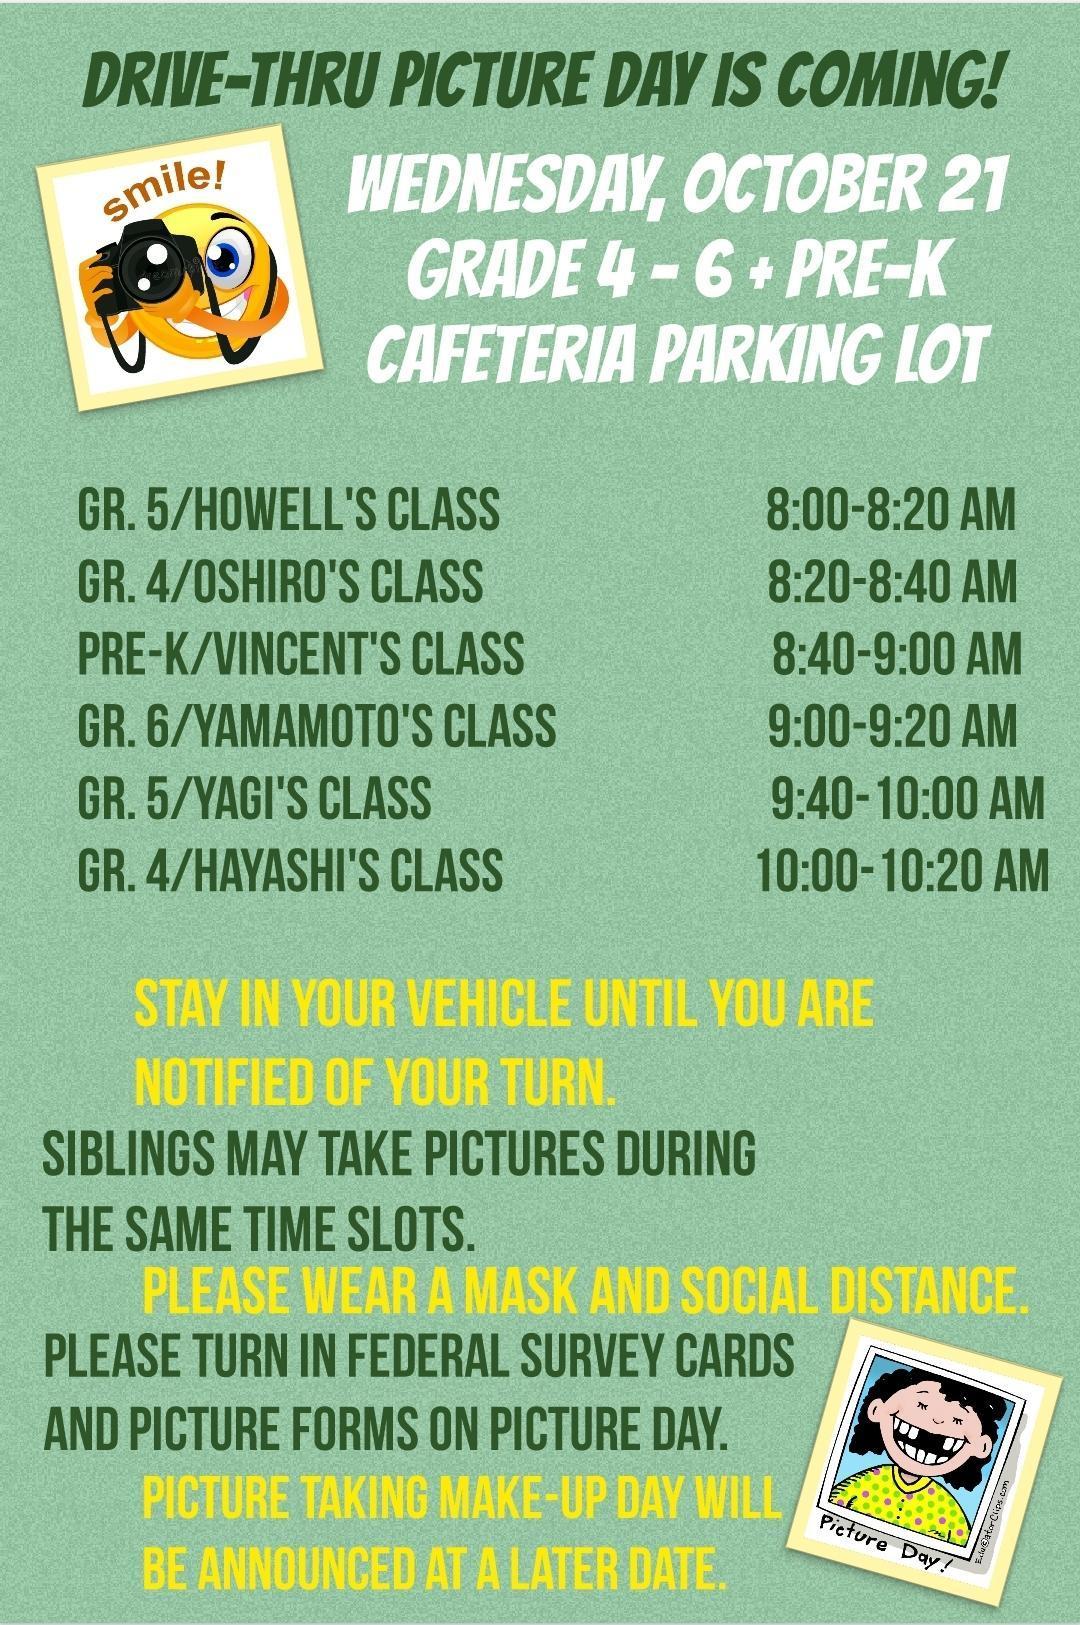 Grades 4-6 + Pre-K Picture Day Schedule